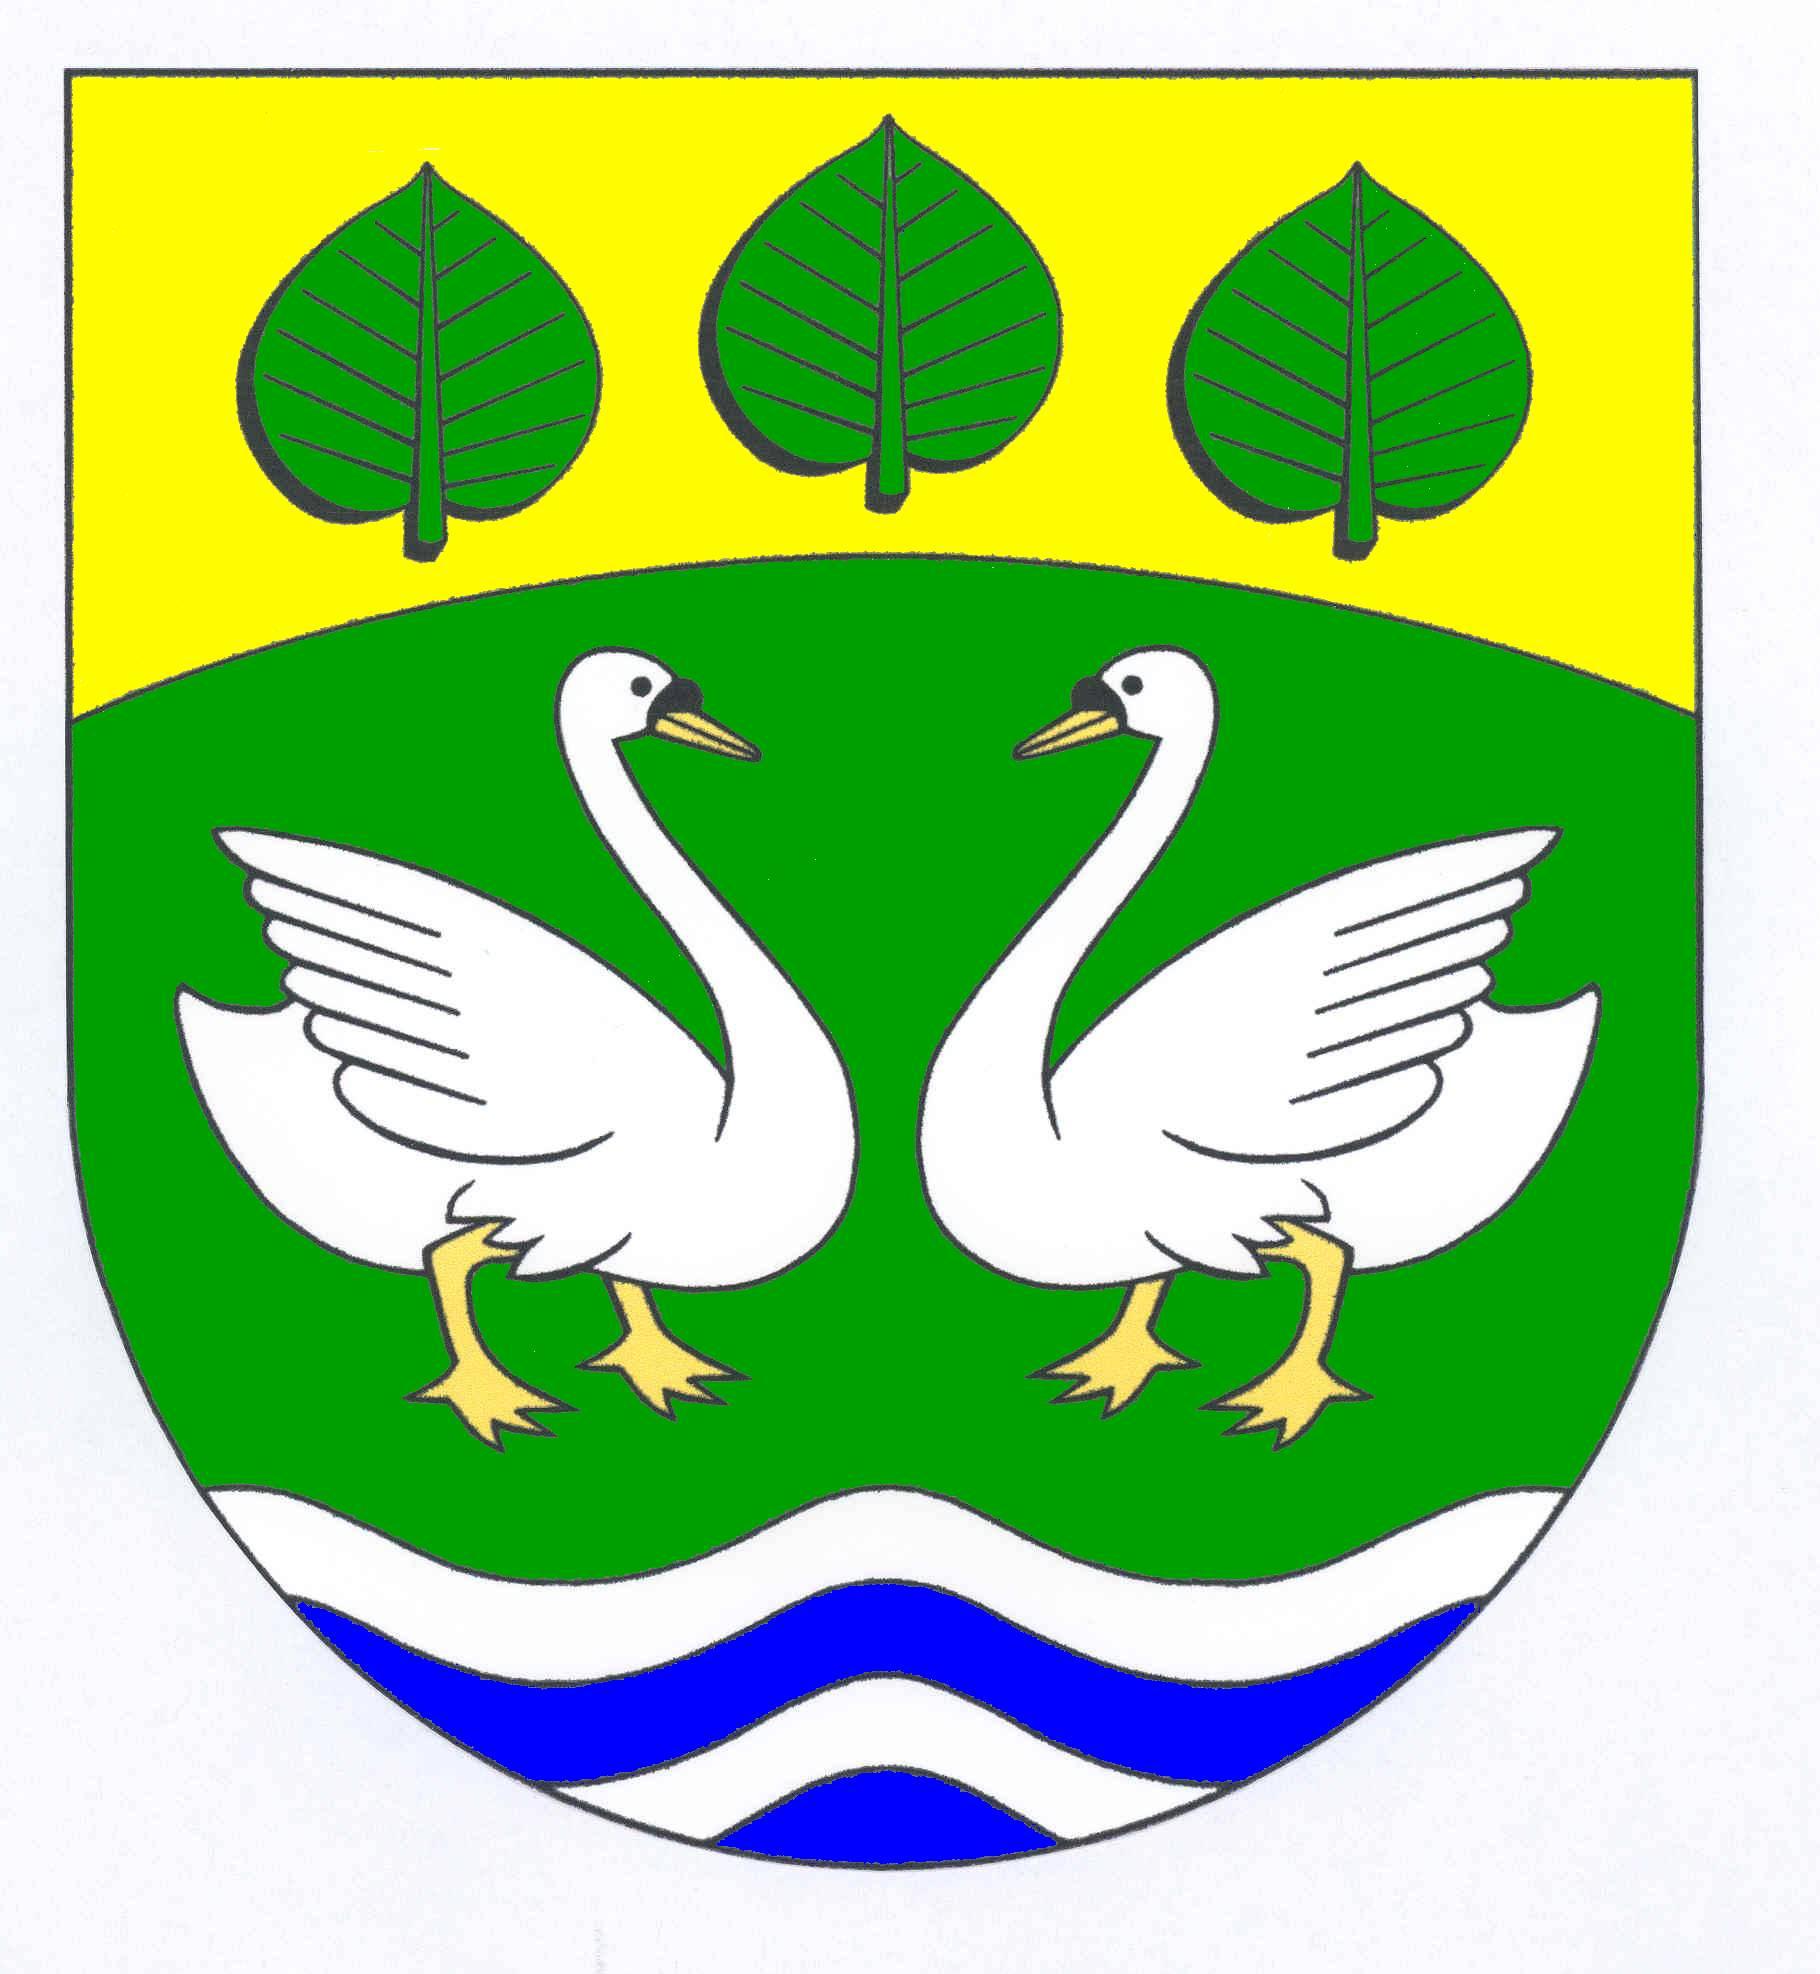 Wappen GemeindeSarzbüttel, Kreis Dithmarschen